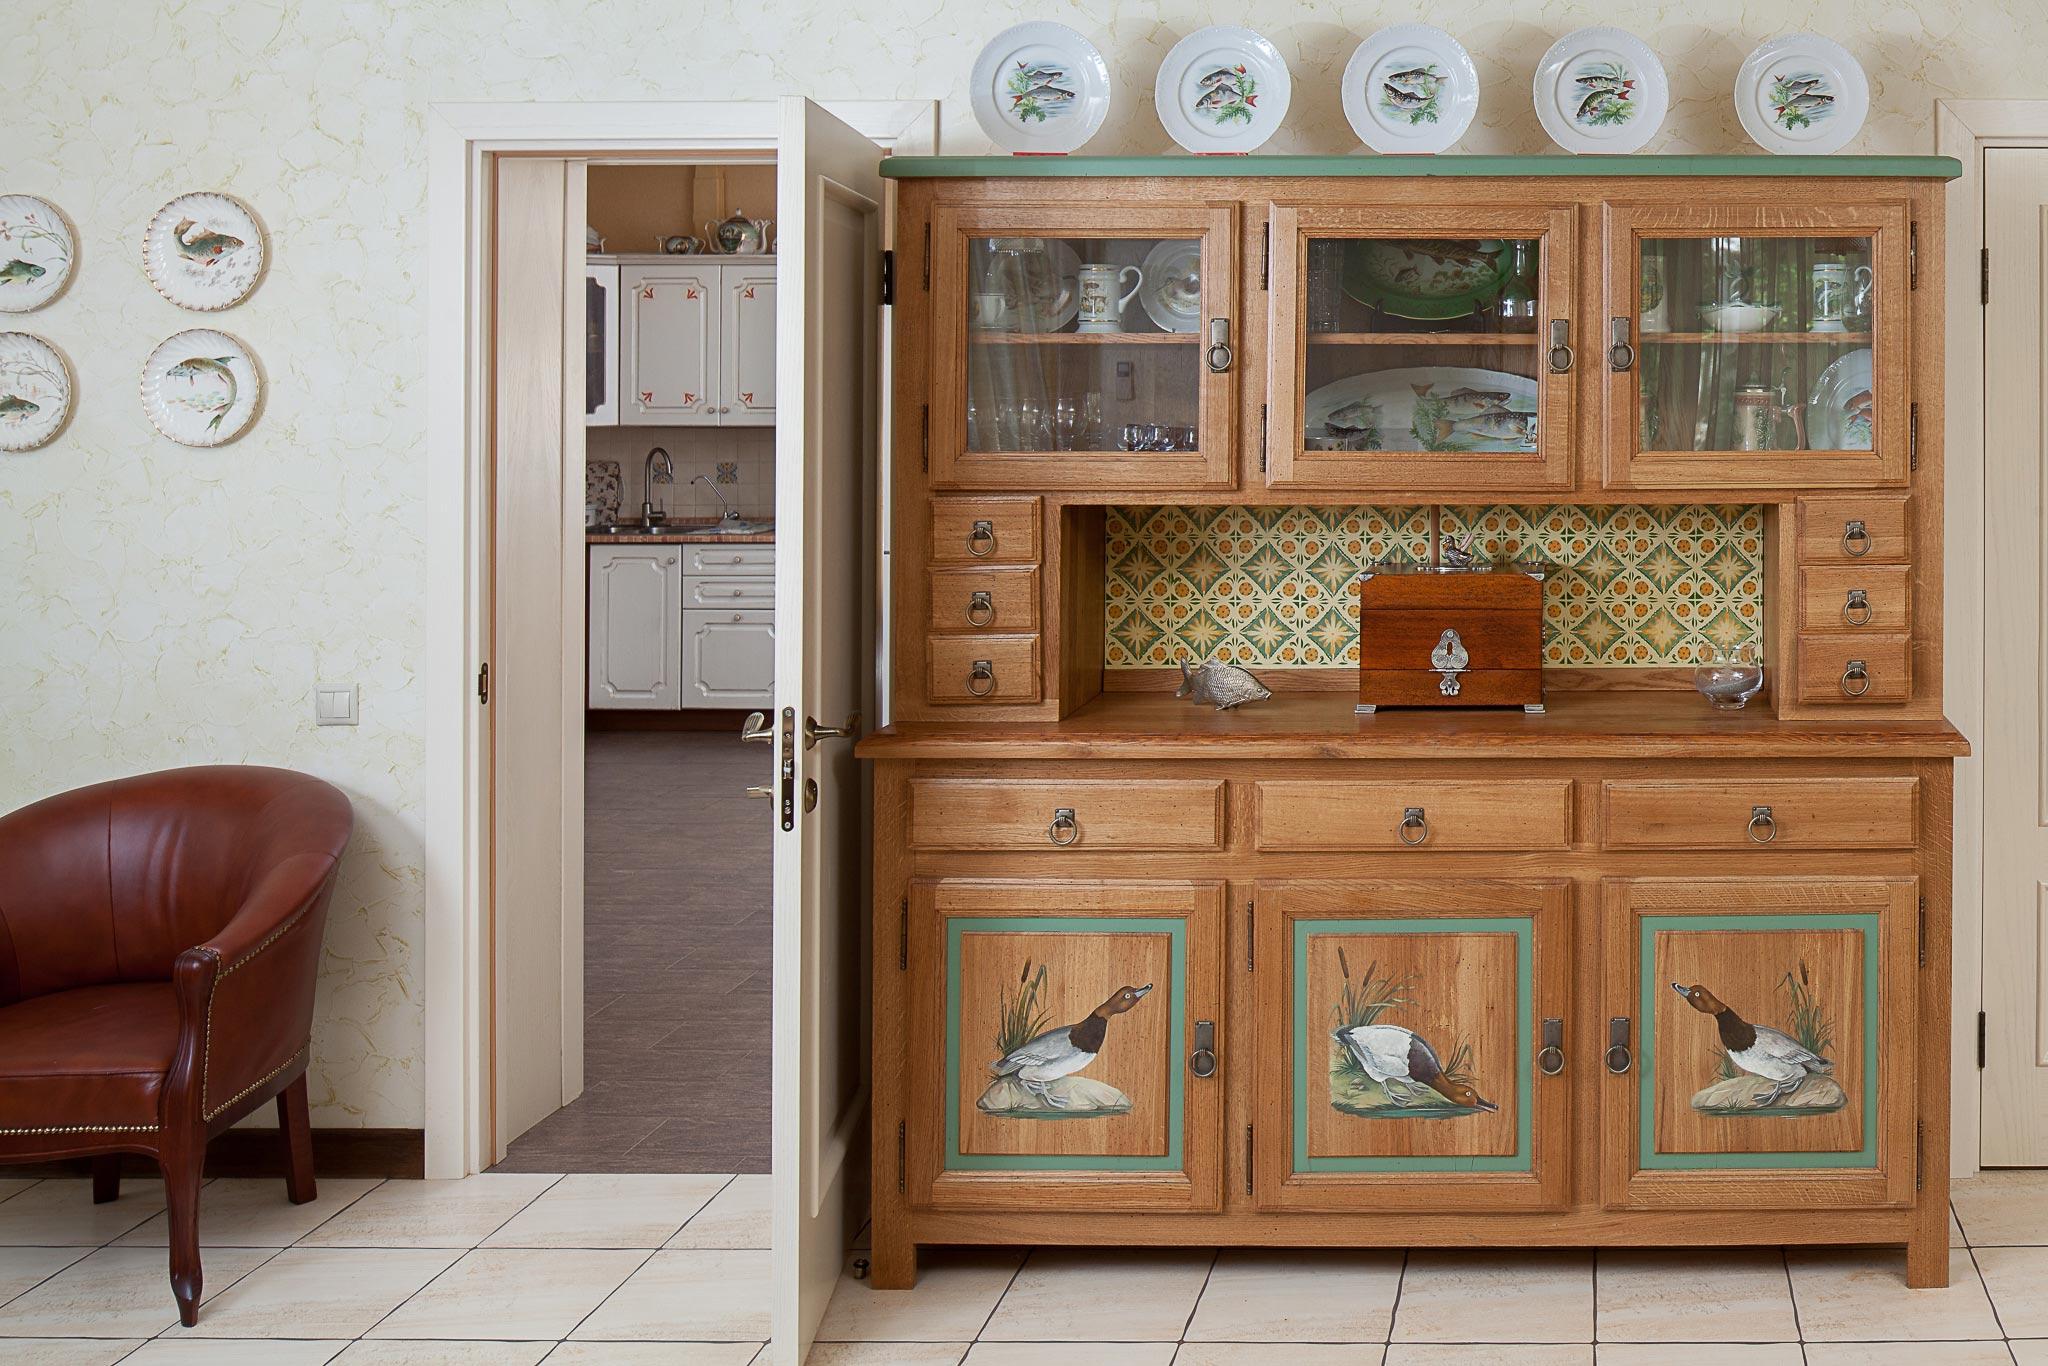 Как обновить старую стенку своими руками в домашних условиях фото